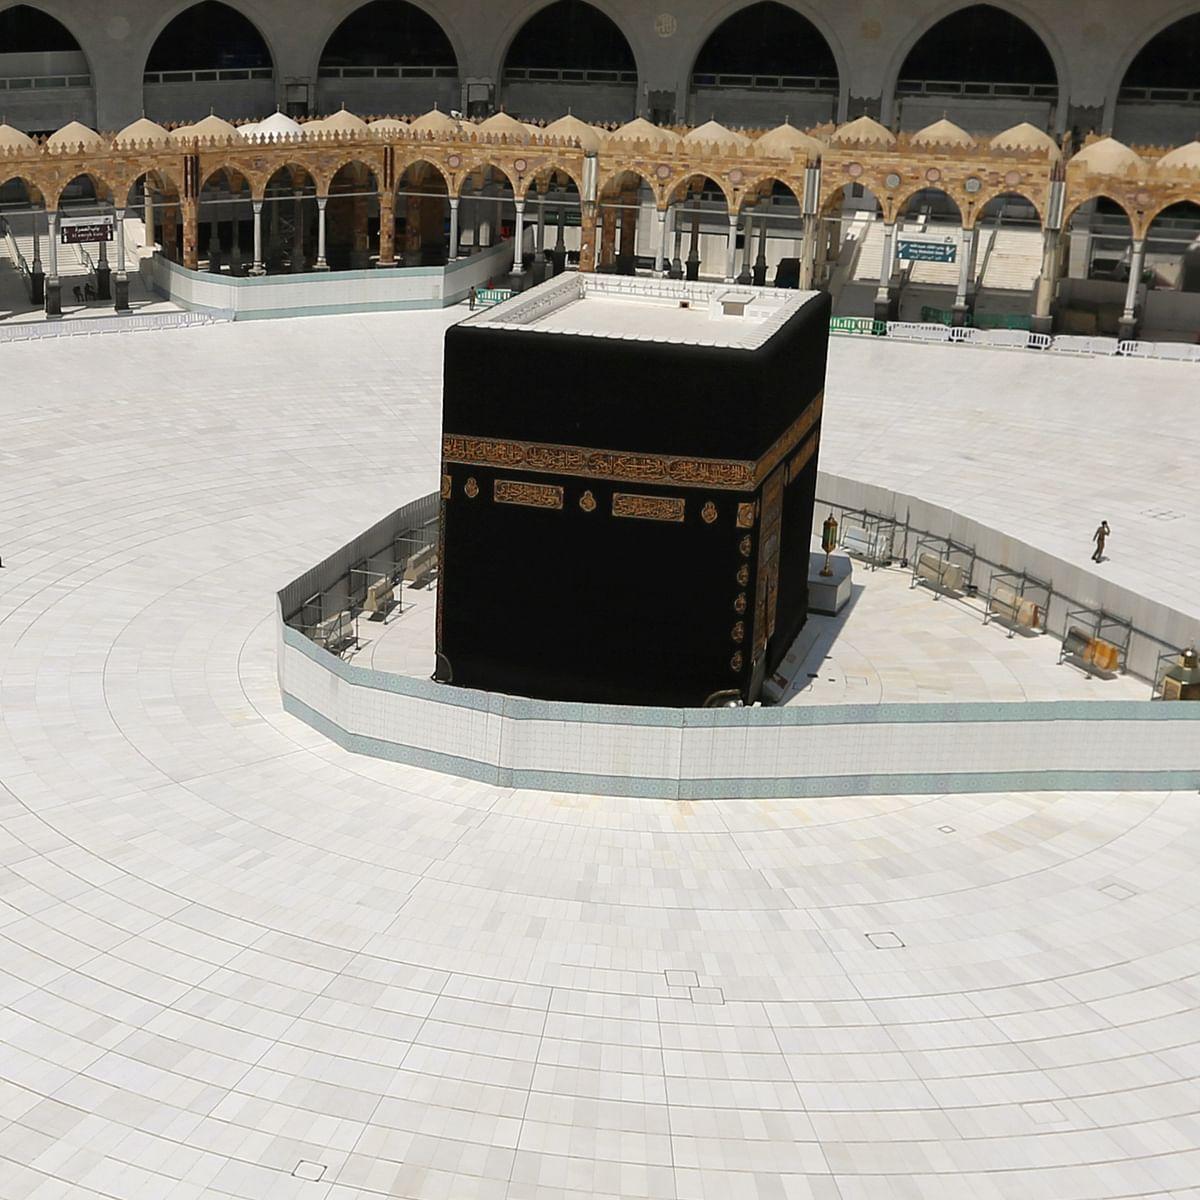 सऊदी अरब ने मक्का और मदीना में कर्फ्यू लगाया (फोटो : सोशल मीडिया)